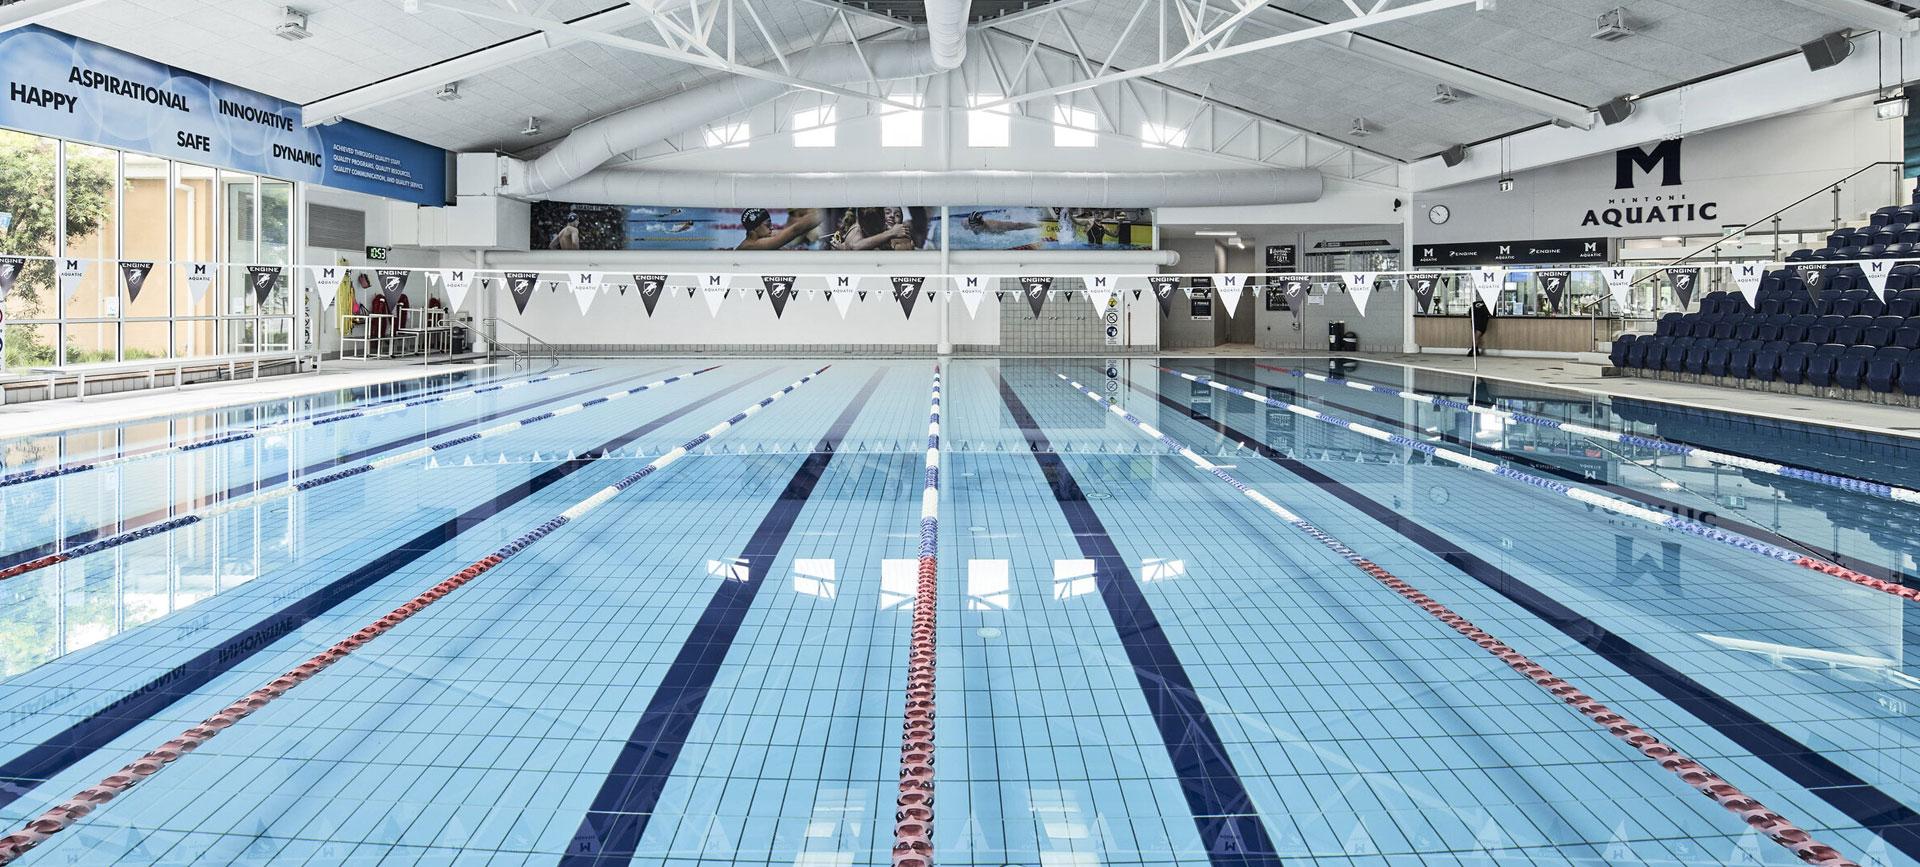 mentone pool rebuild